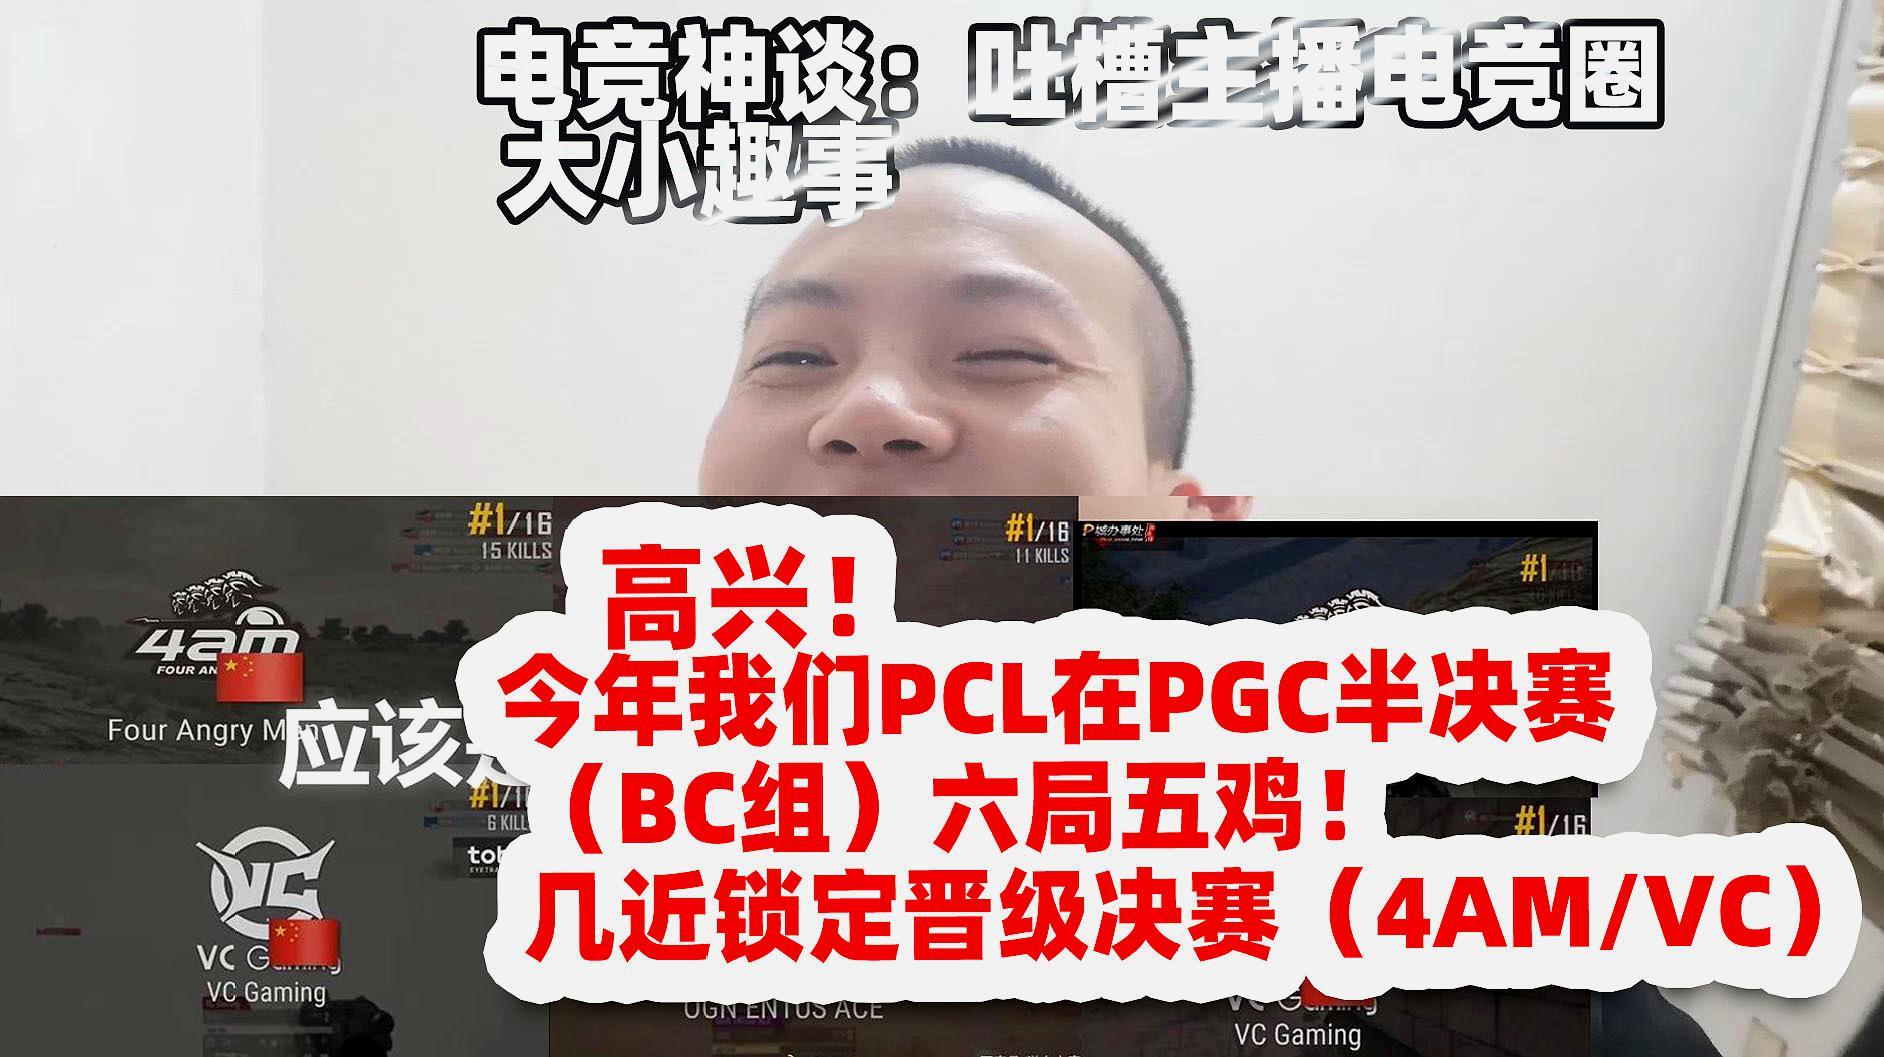 电竞神谈:高兴!今年PGC半决赛PCL六局五鸡,几近锁定决赛